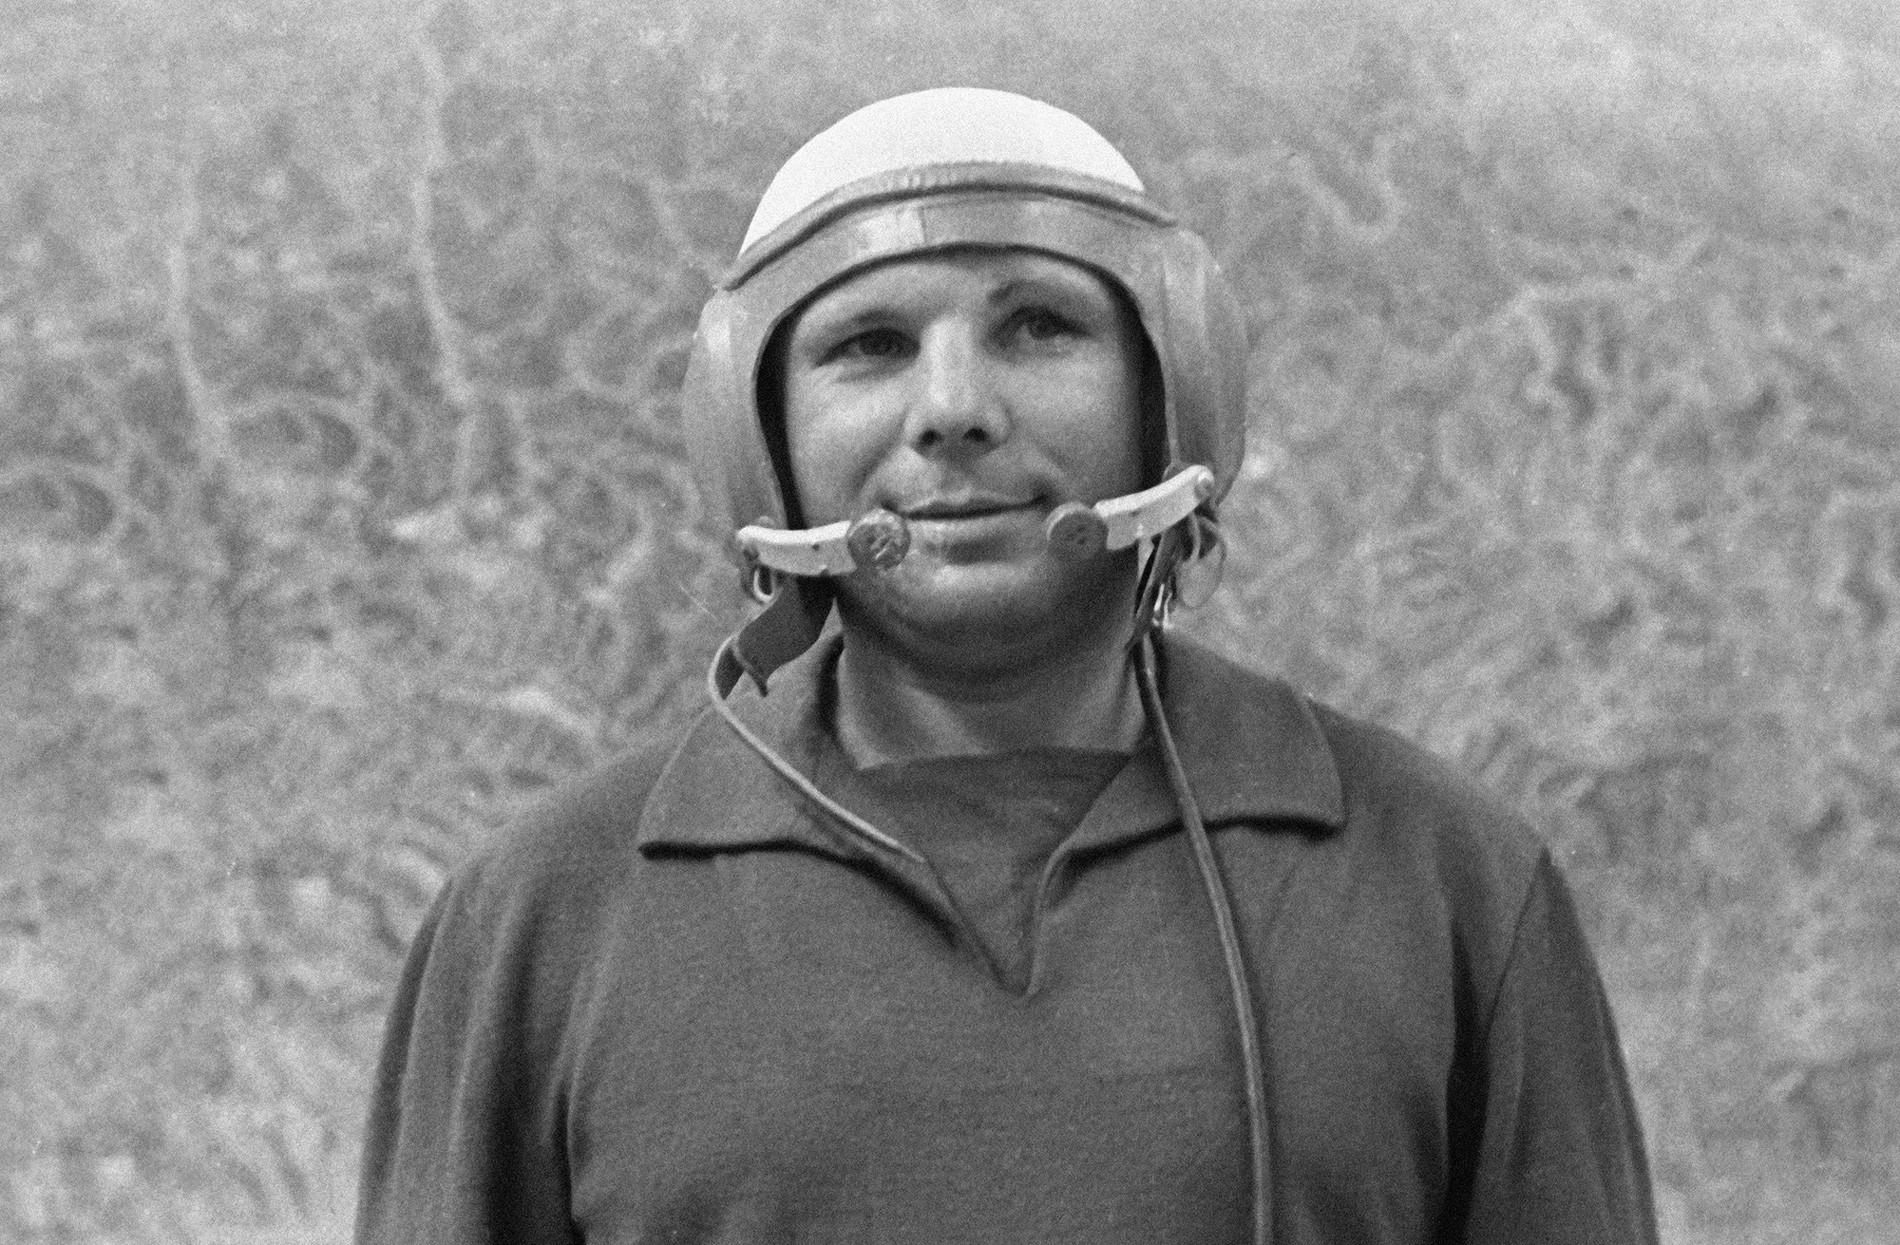 Пилотот и космонаут Јуриј Гагарин, 1 јуни 1962 година